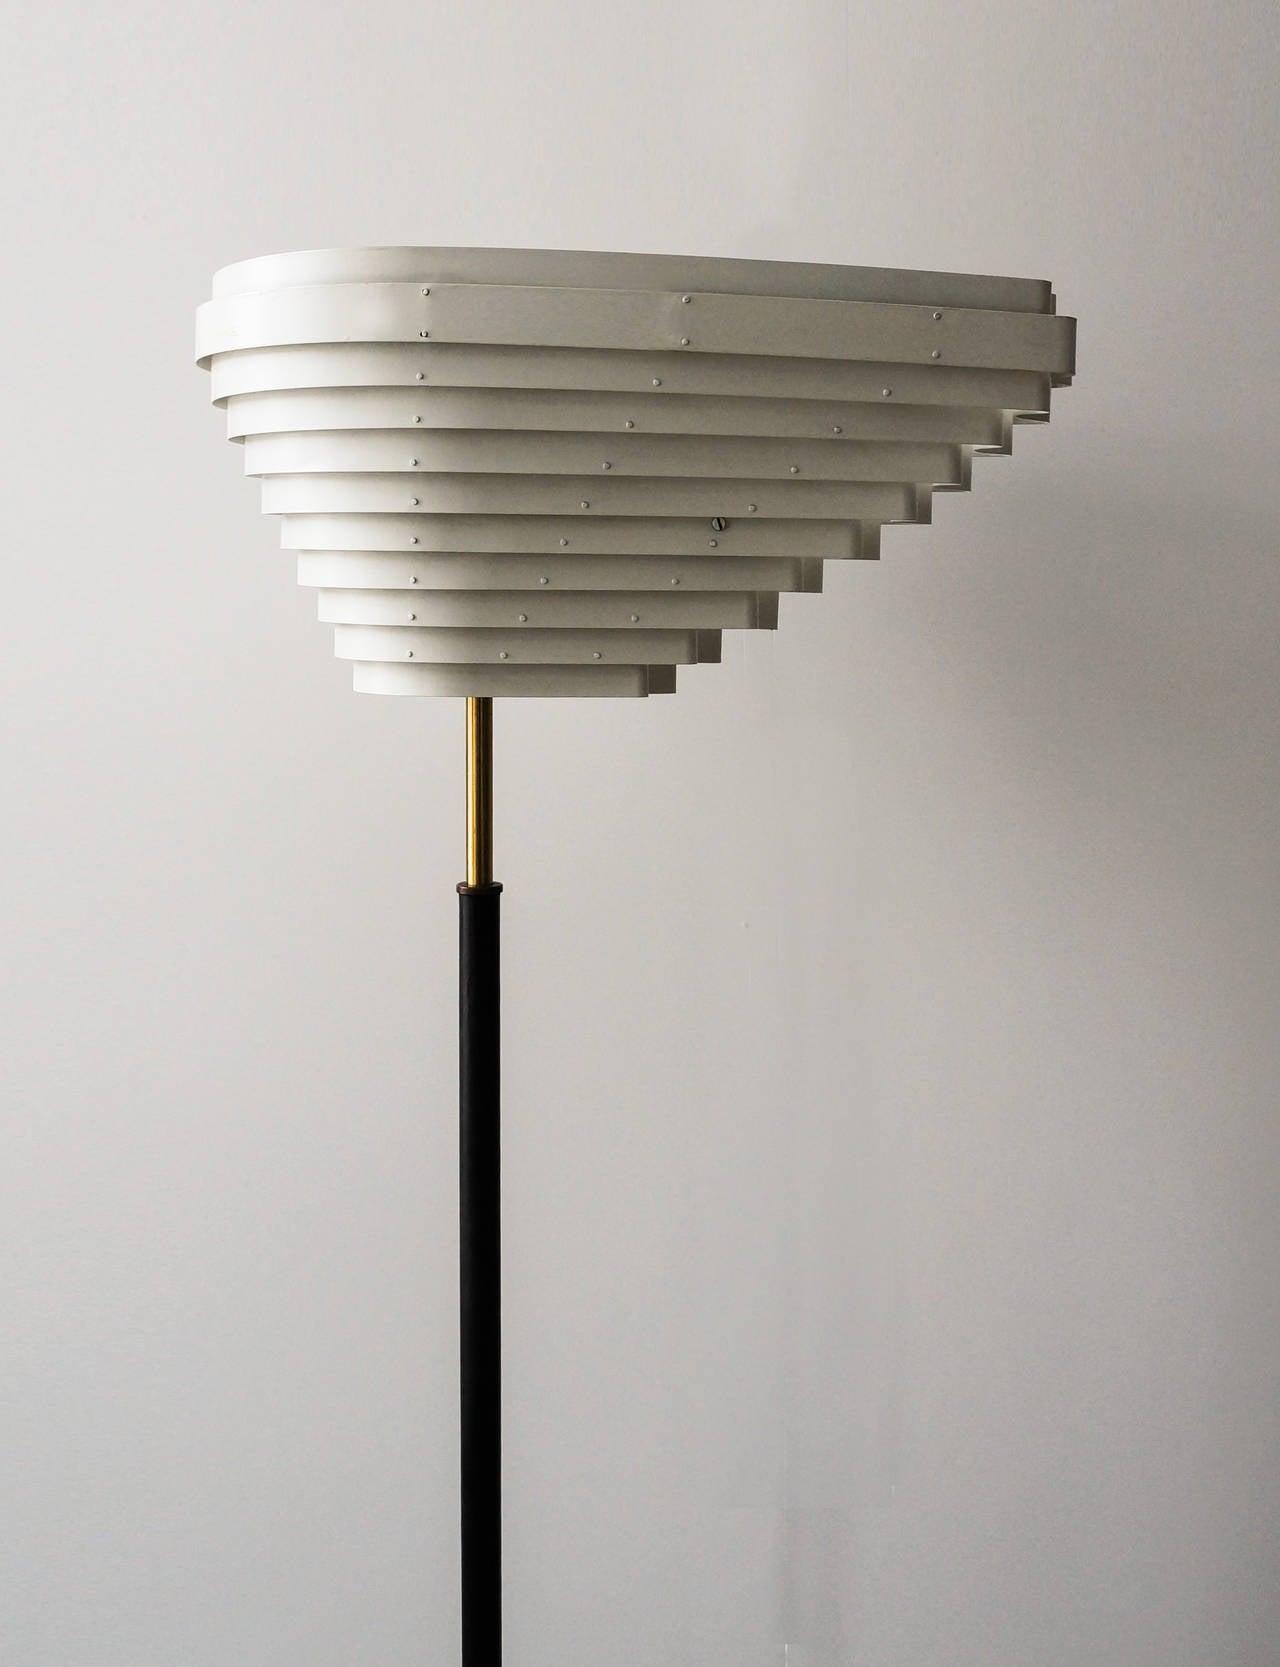 Finnish Early Alvar Aalto Floor Lamp, Model A805 for Valaistustyö Ky, 1954 For Sale